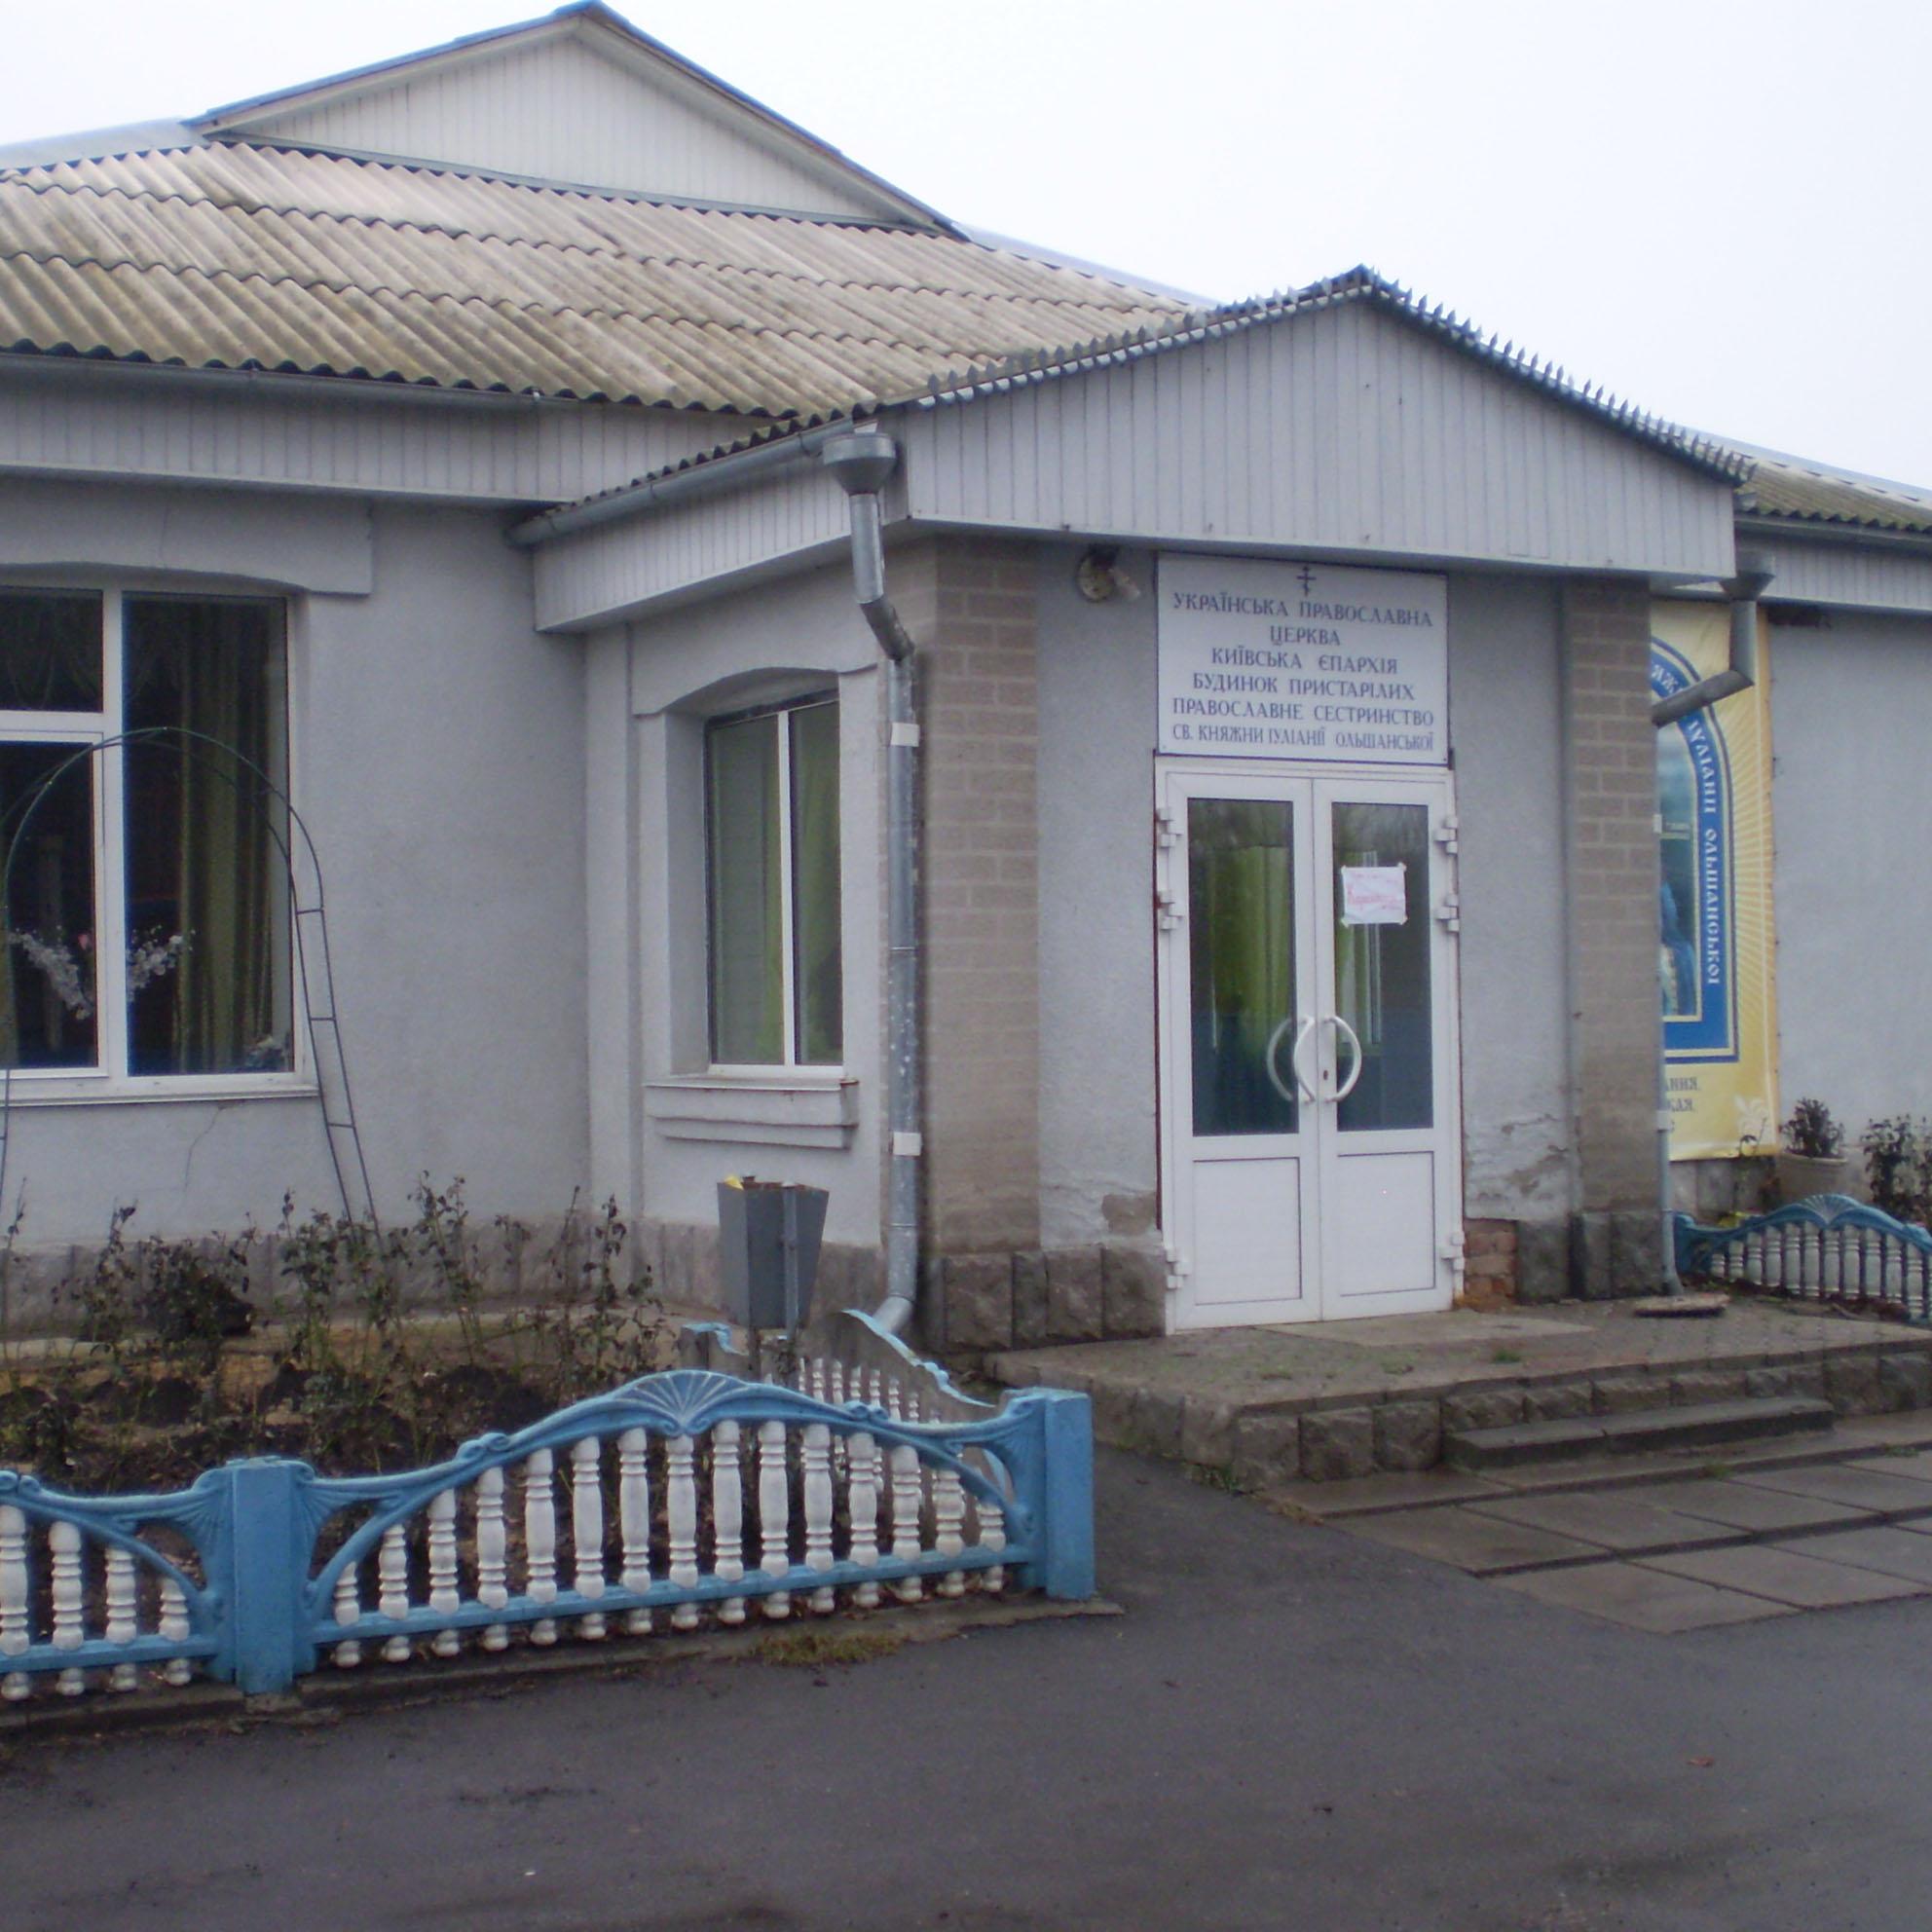 Церковный дом престарелых дома престарелых санкт-петербург